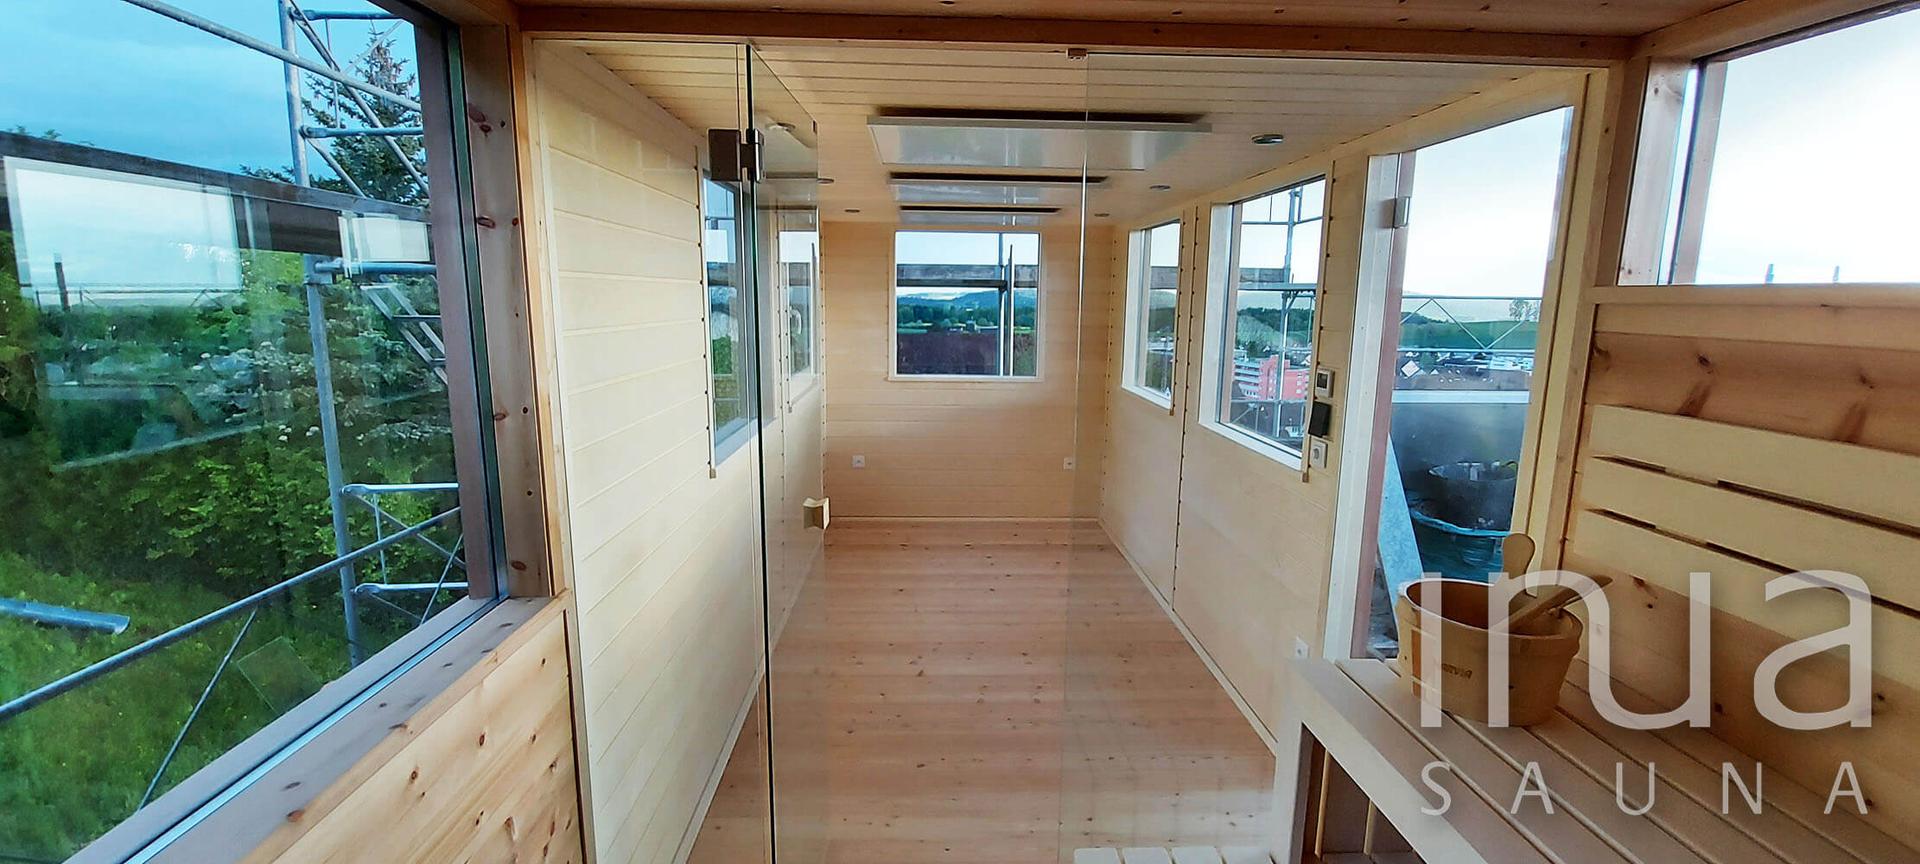 Egyedi kültéri finn szauna egy társasház tetőteraszán.